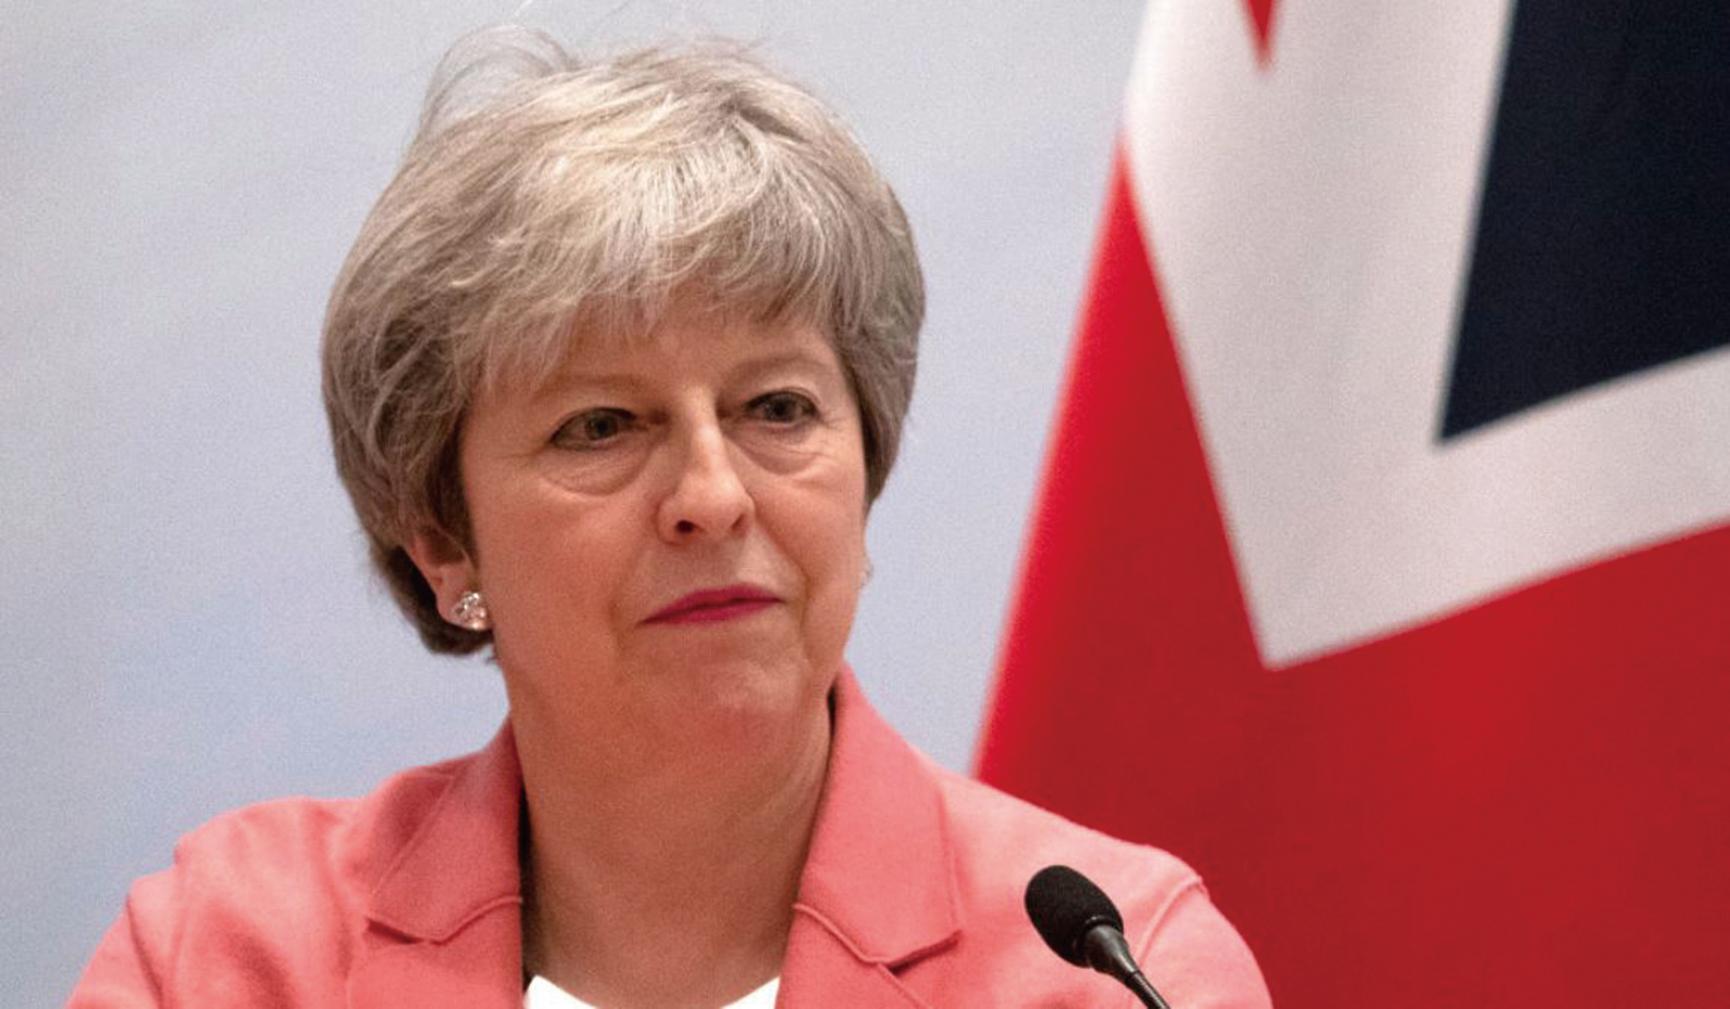 文翠珊2月26日表示,如果國會再次否決她與歐盟達成的退歐協議,她將同意議會分別就是否硬脫歐和延遲脫歐期限進行表決。(Getty Image)